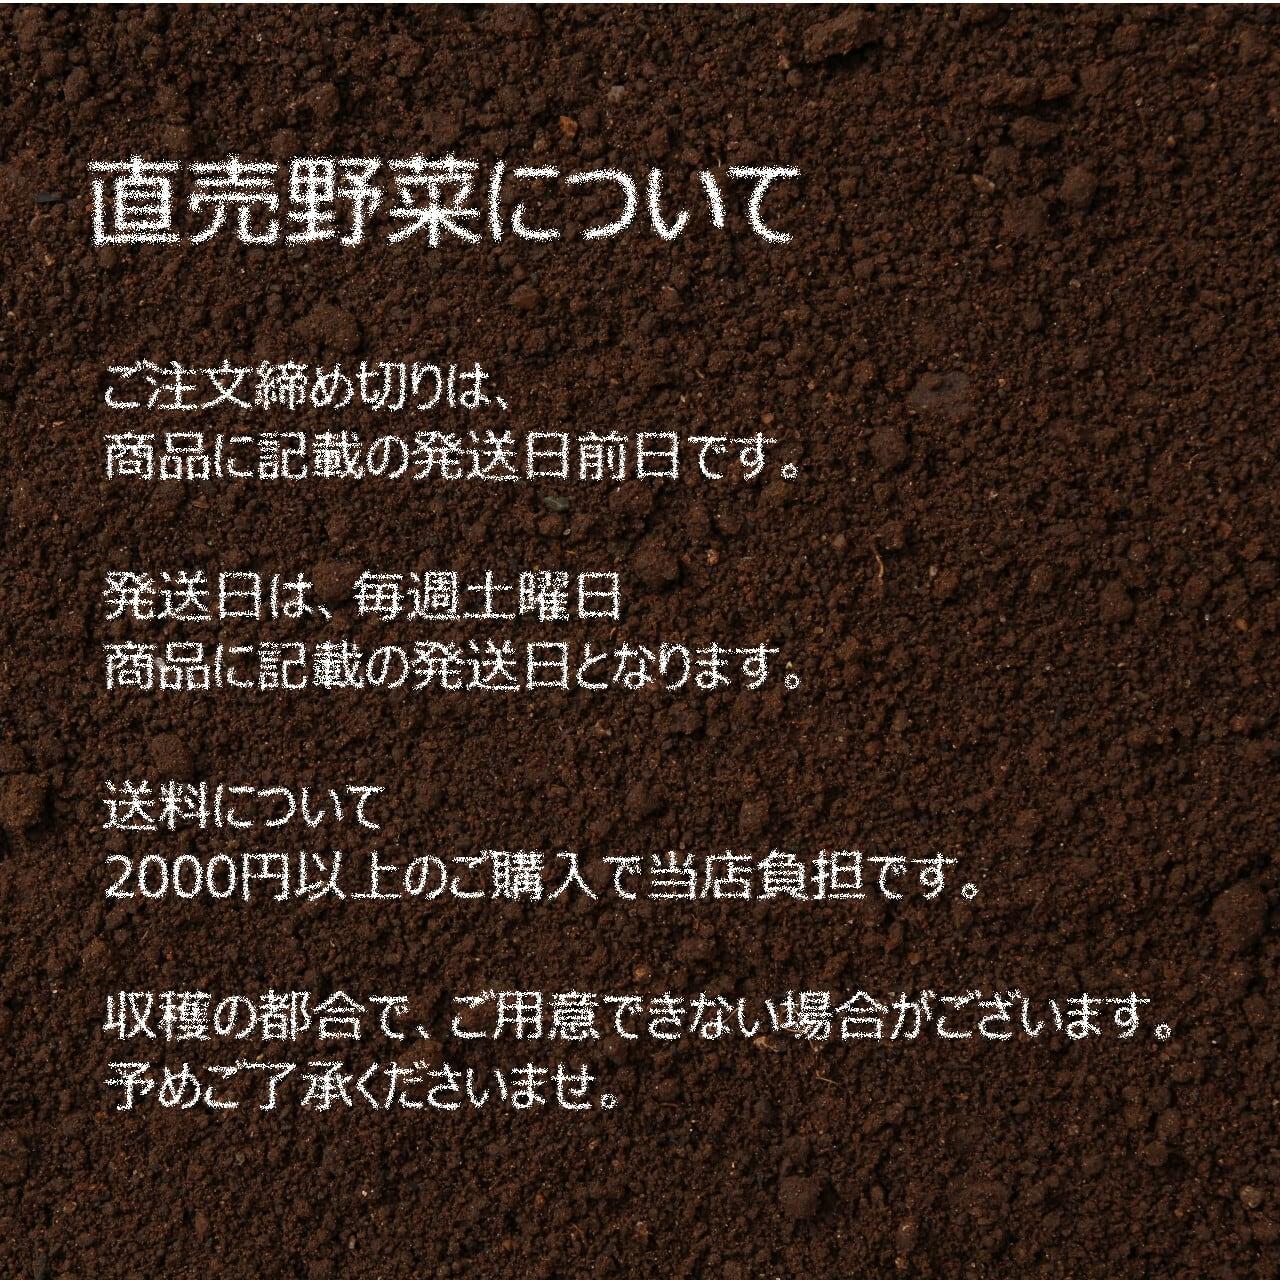 春の新鮮野菜 ニラ 約150g: 5月の朝採り直売野菜 5月29日発送予定